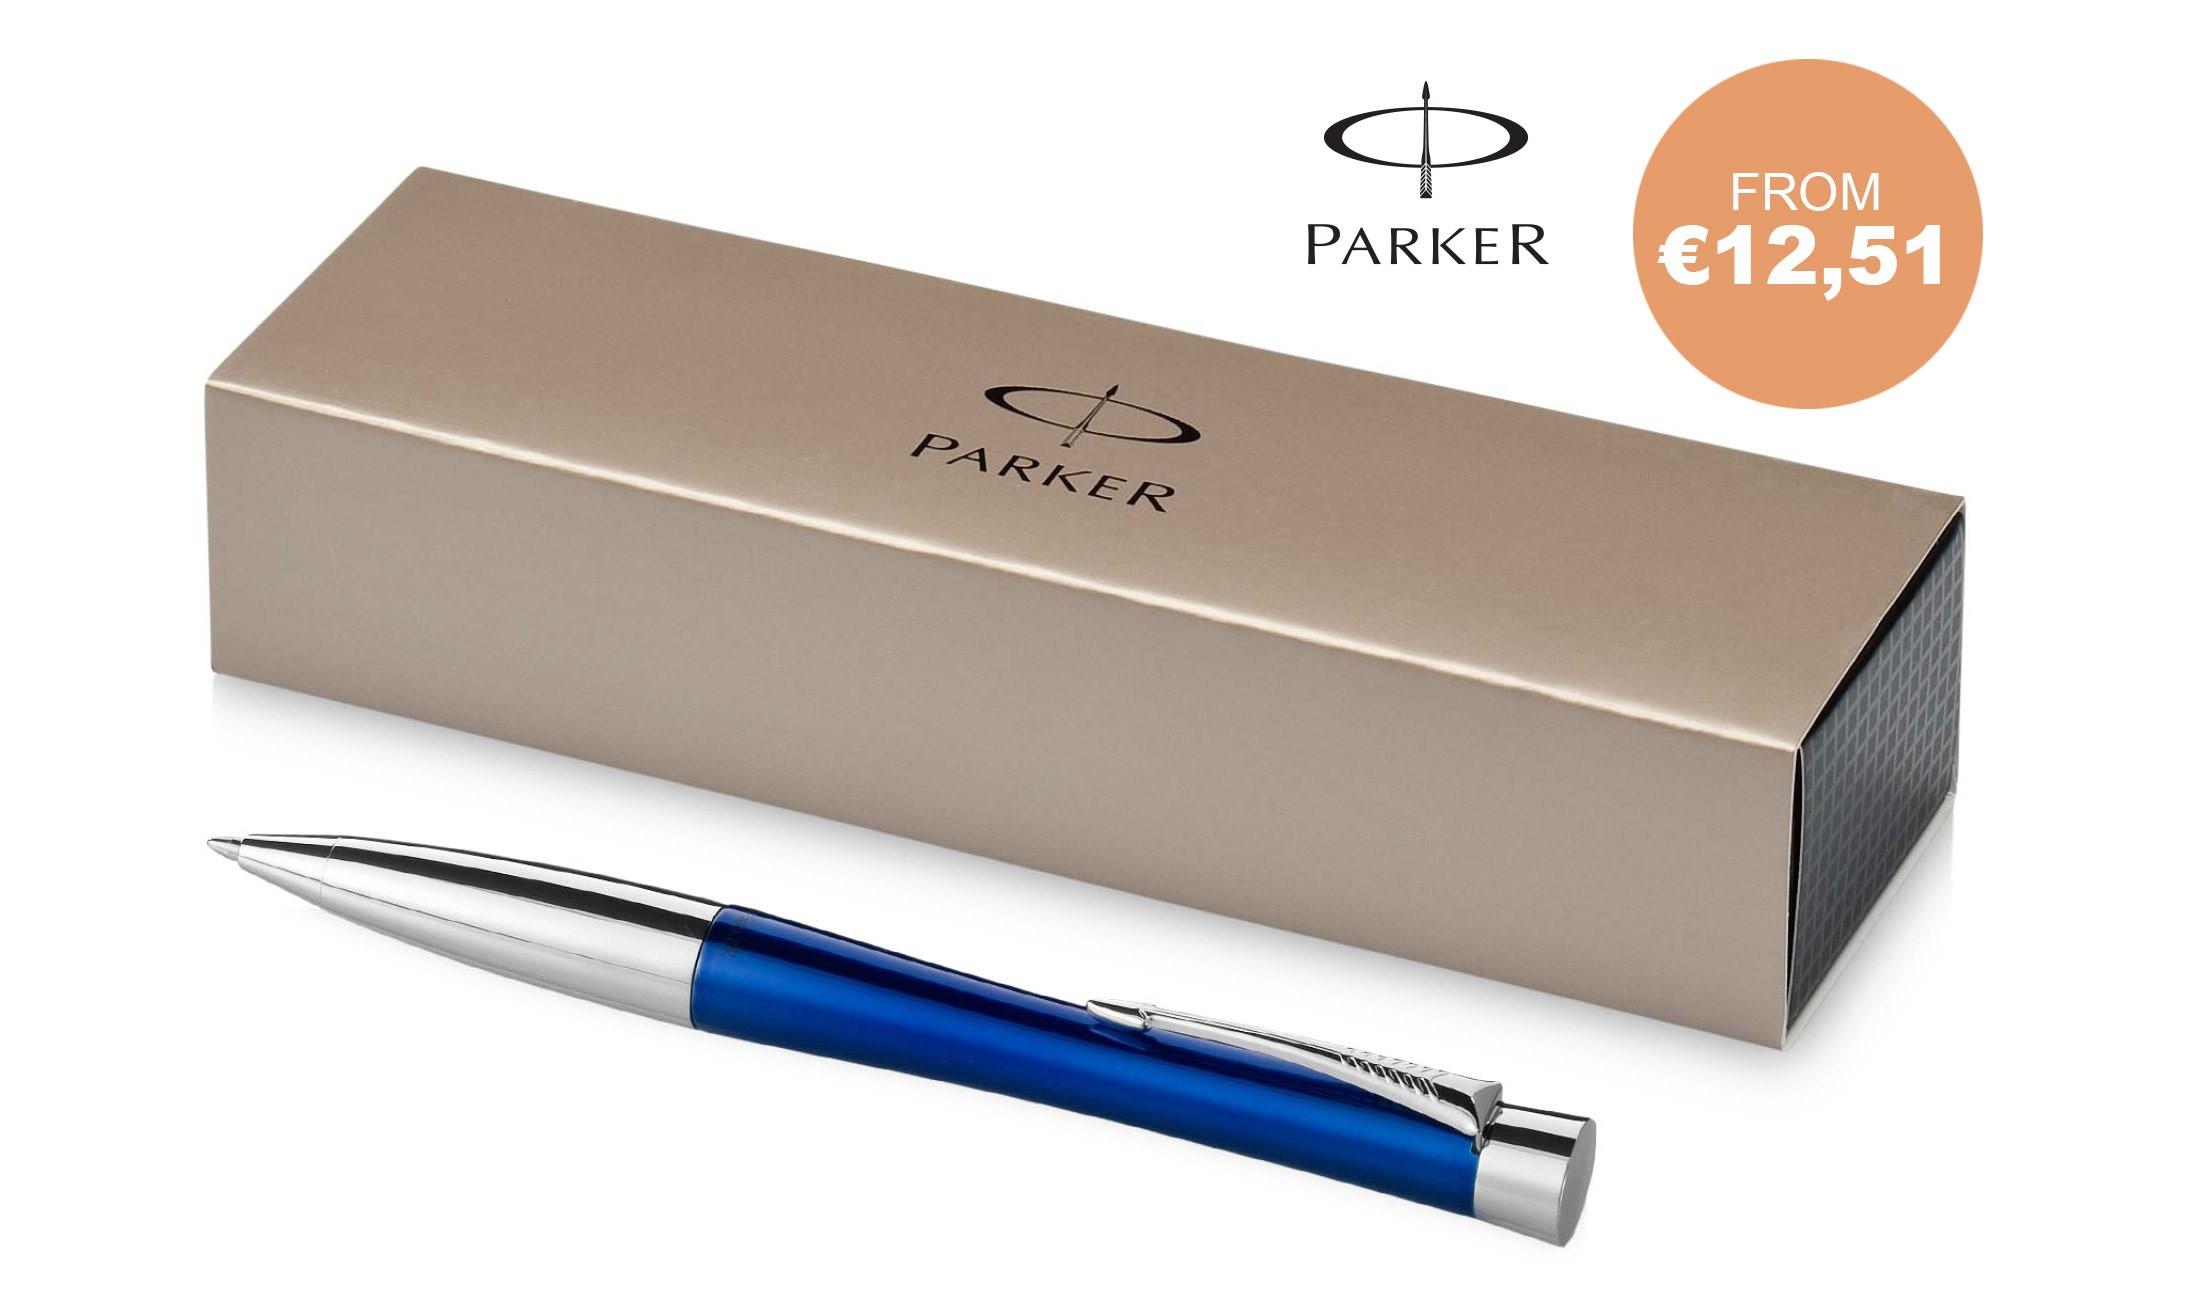 Parker pen sets van Prikkels bv uit eindhoven